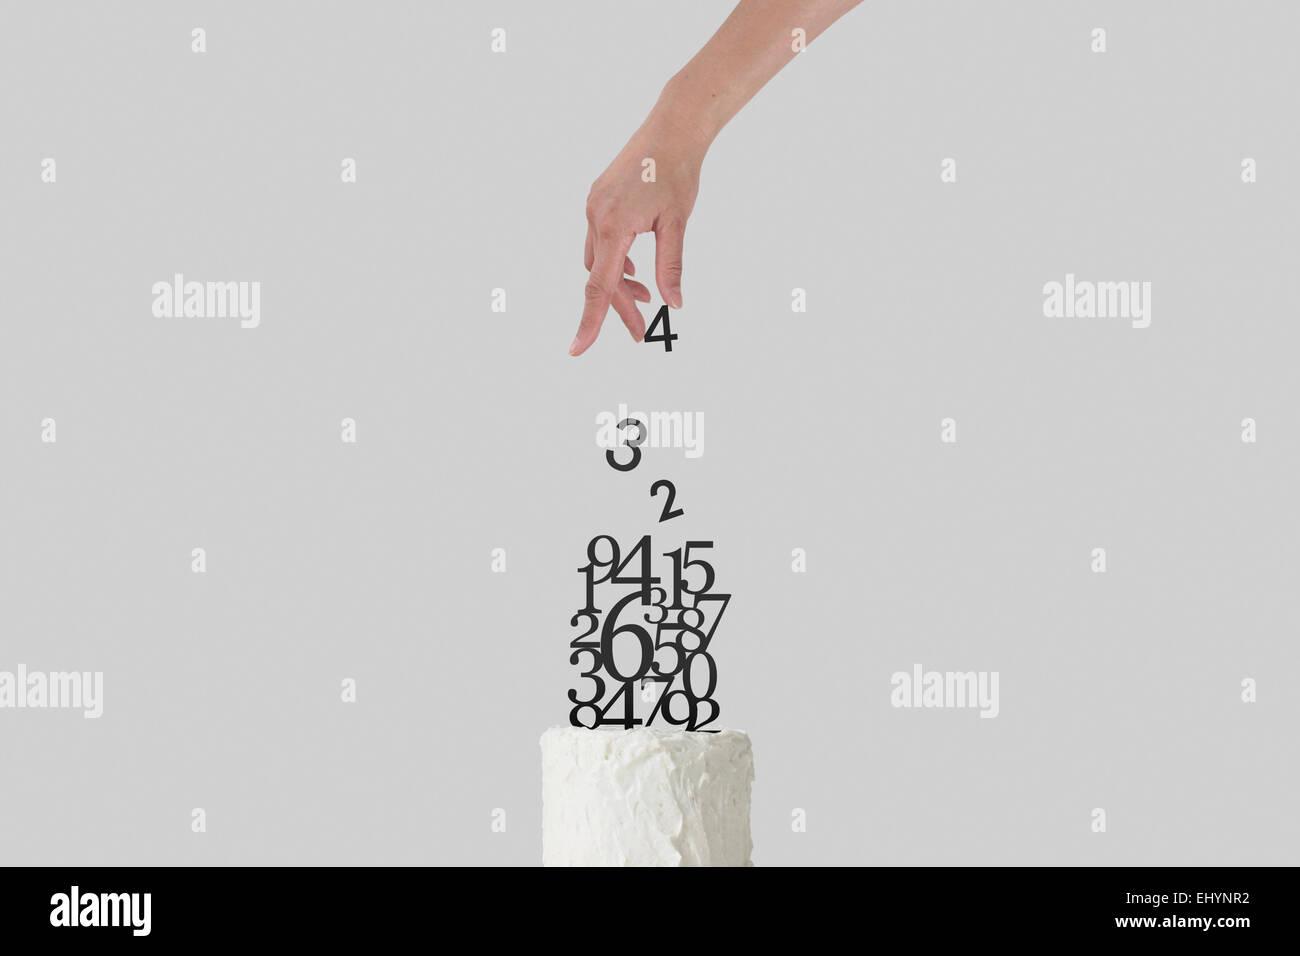 Una mano rociar algunos números blancos sobre un pastel de cumpleaños Imagen De Stock